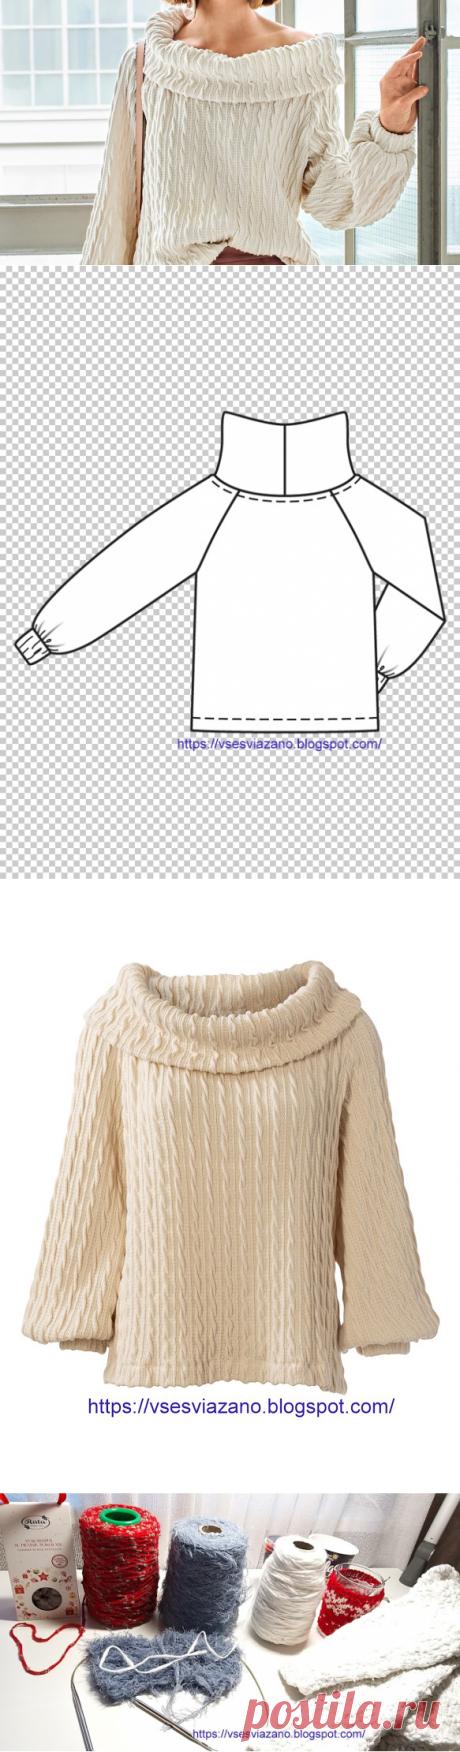 ВСЕ СВЯЗАНО. ROSOMAHA.: Свяжи красивый пуловер по...швейной выкройке!